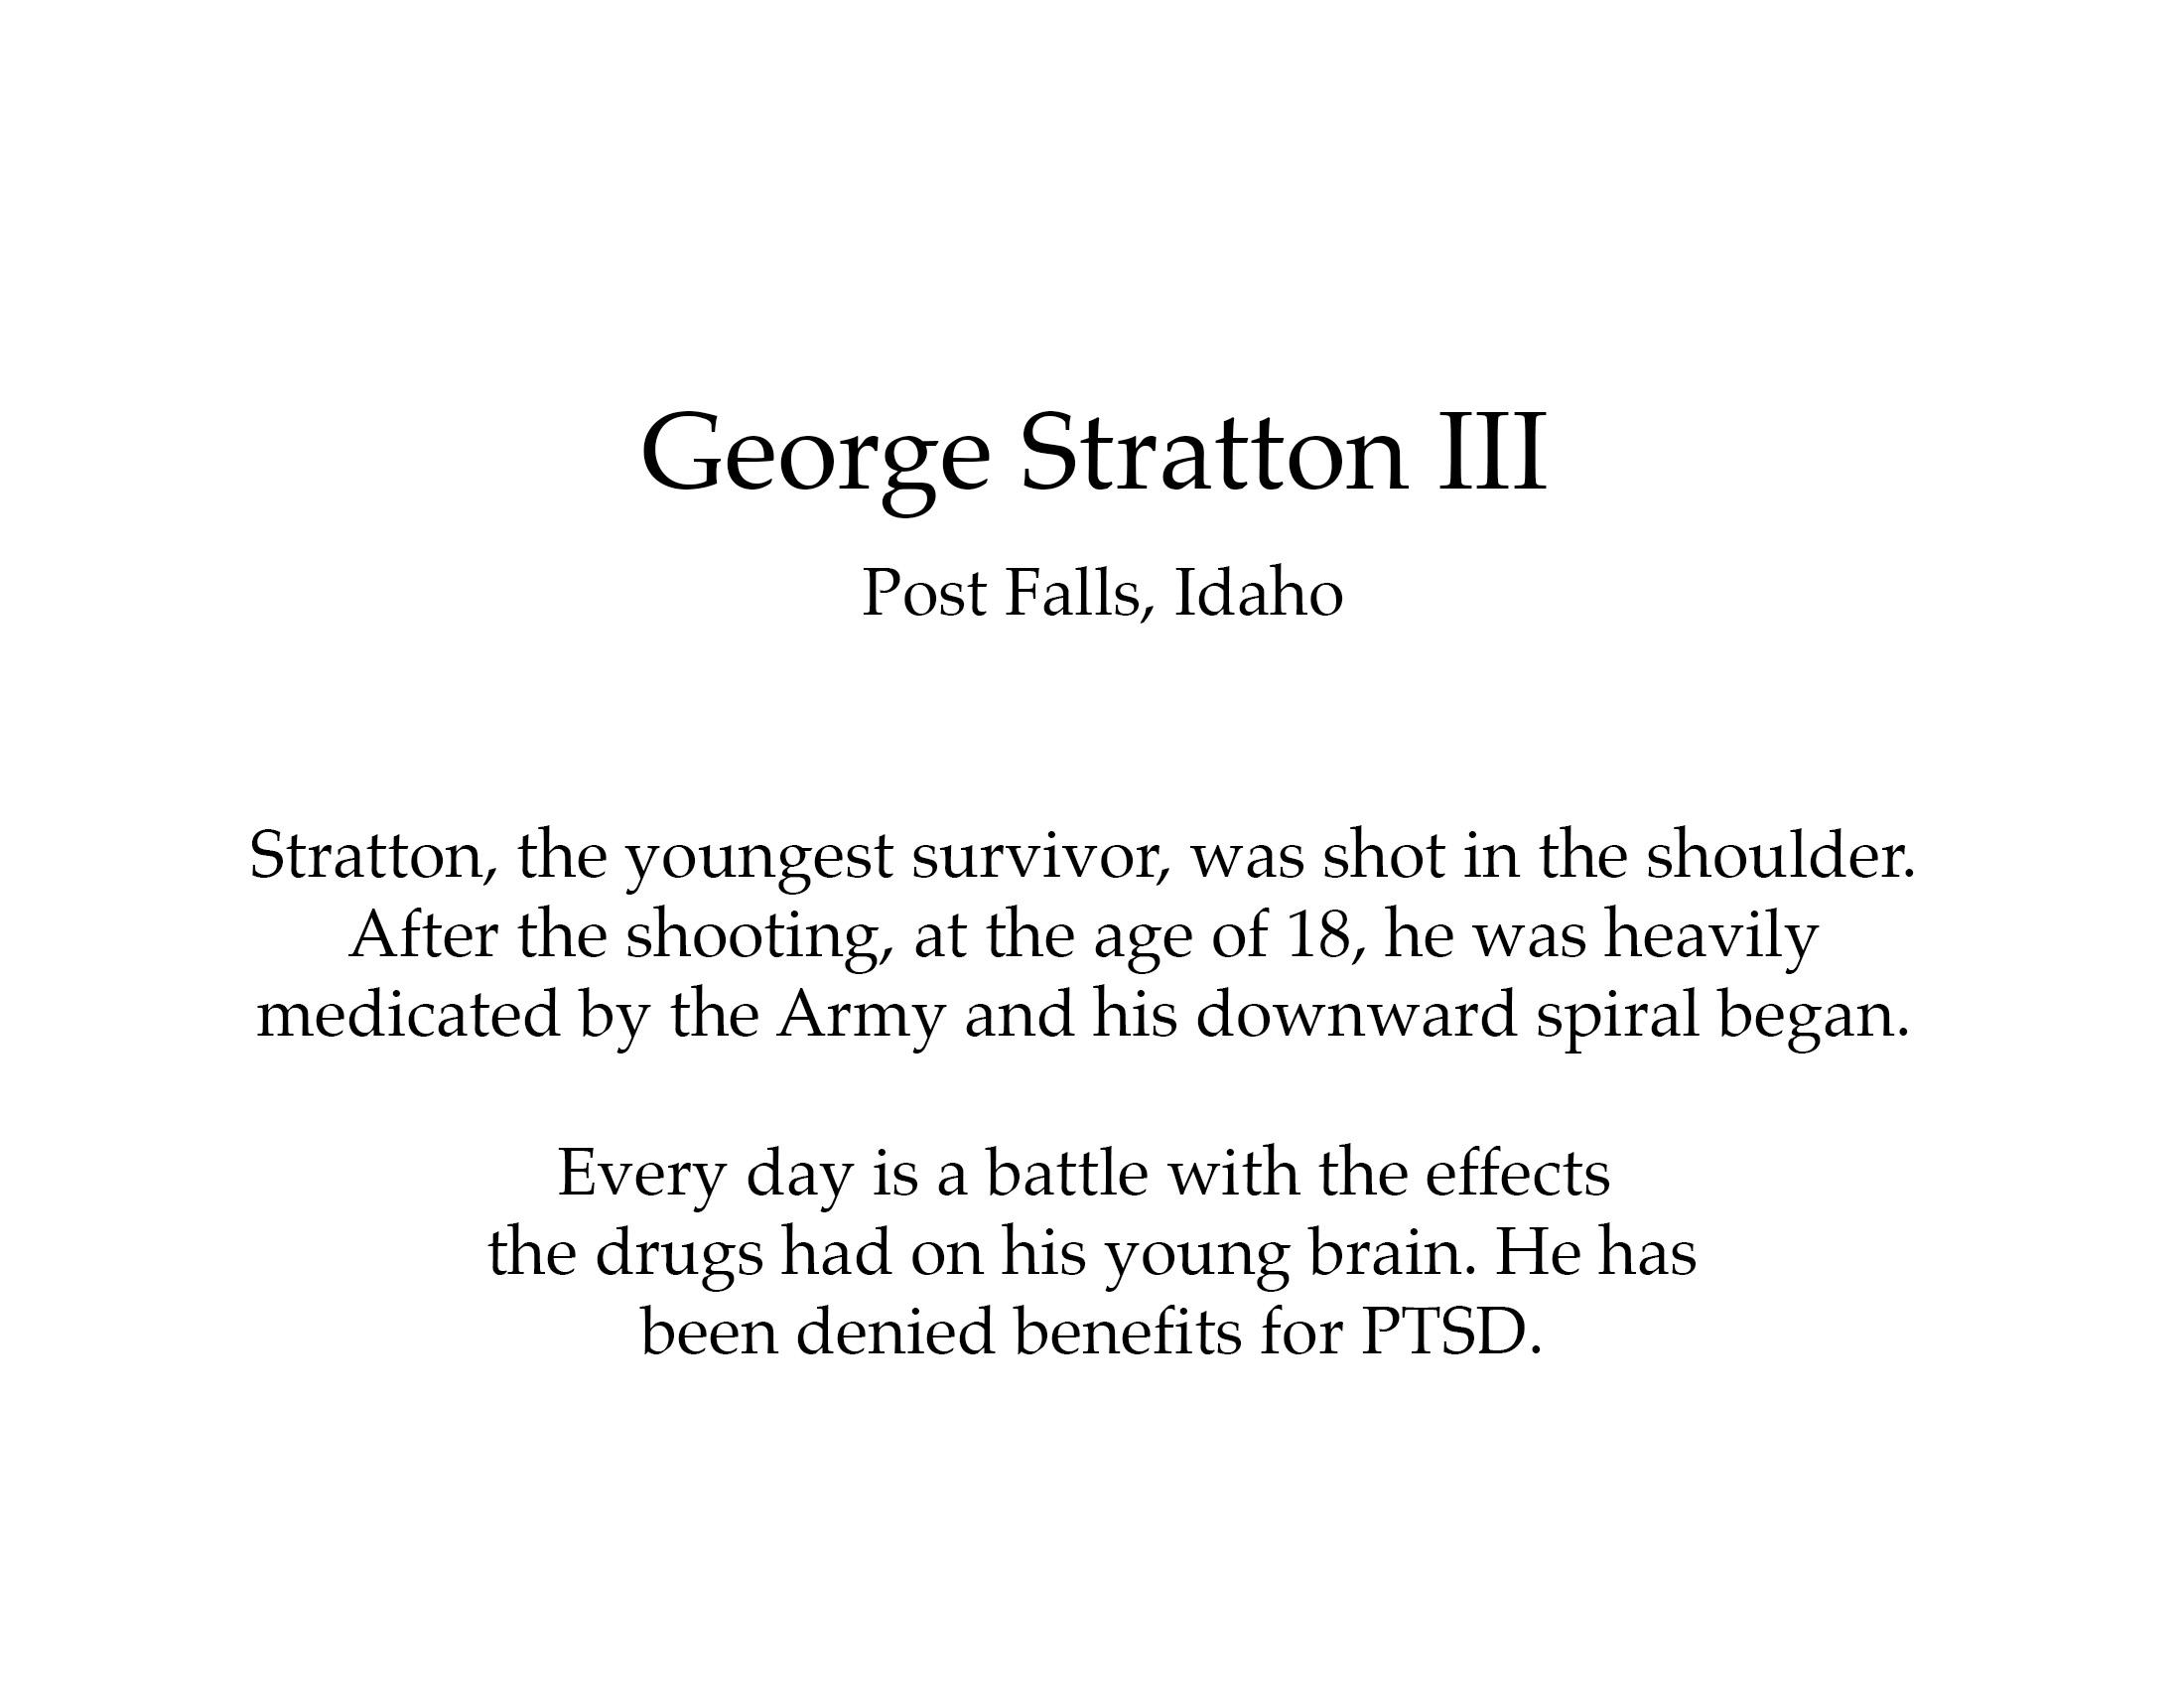 stratton website.jpg